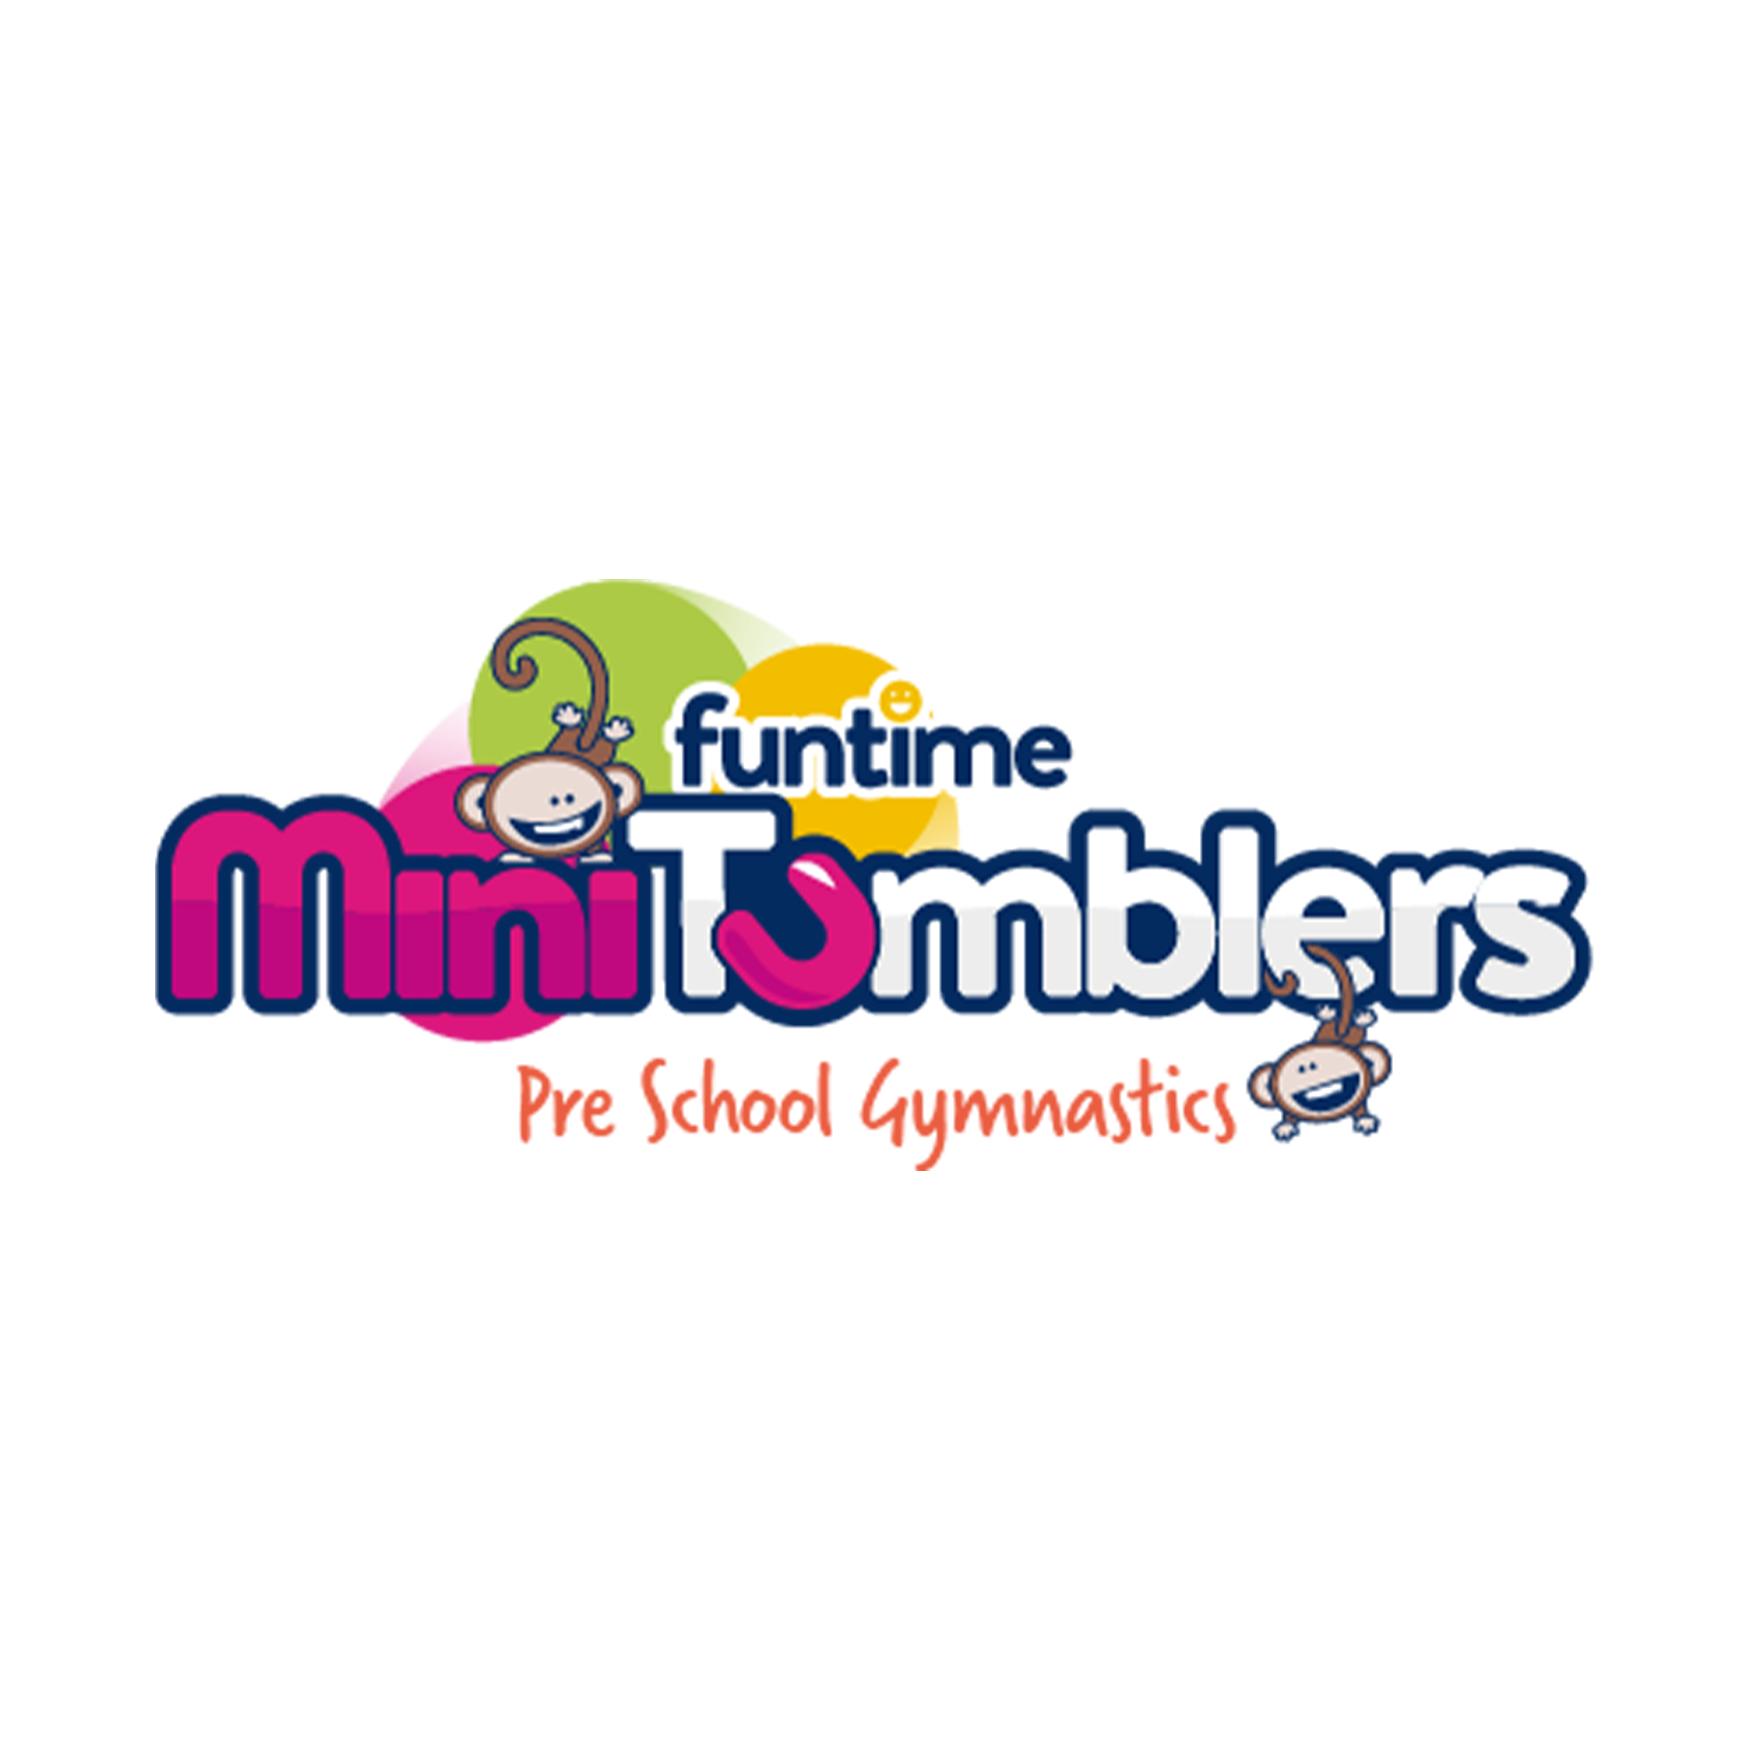 Funtime - Pre School Activities